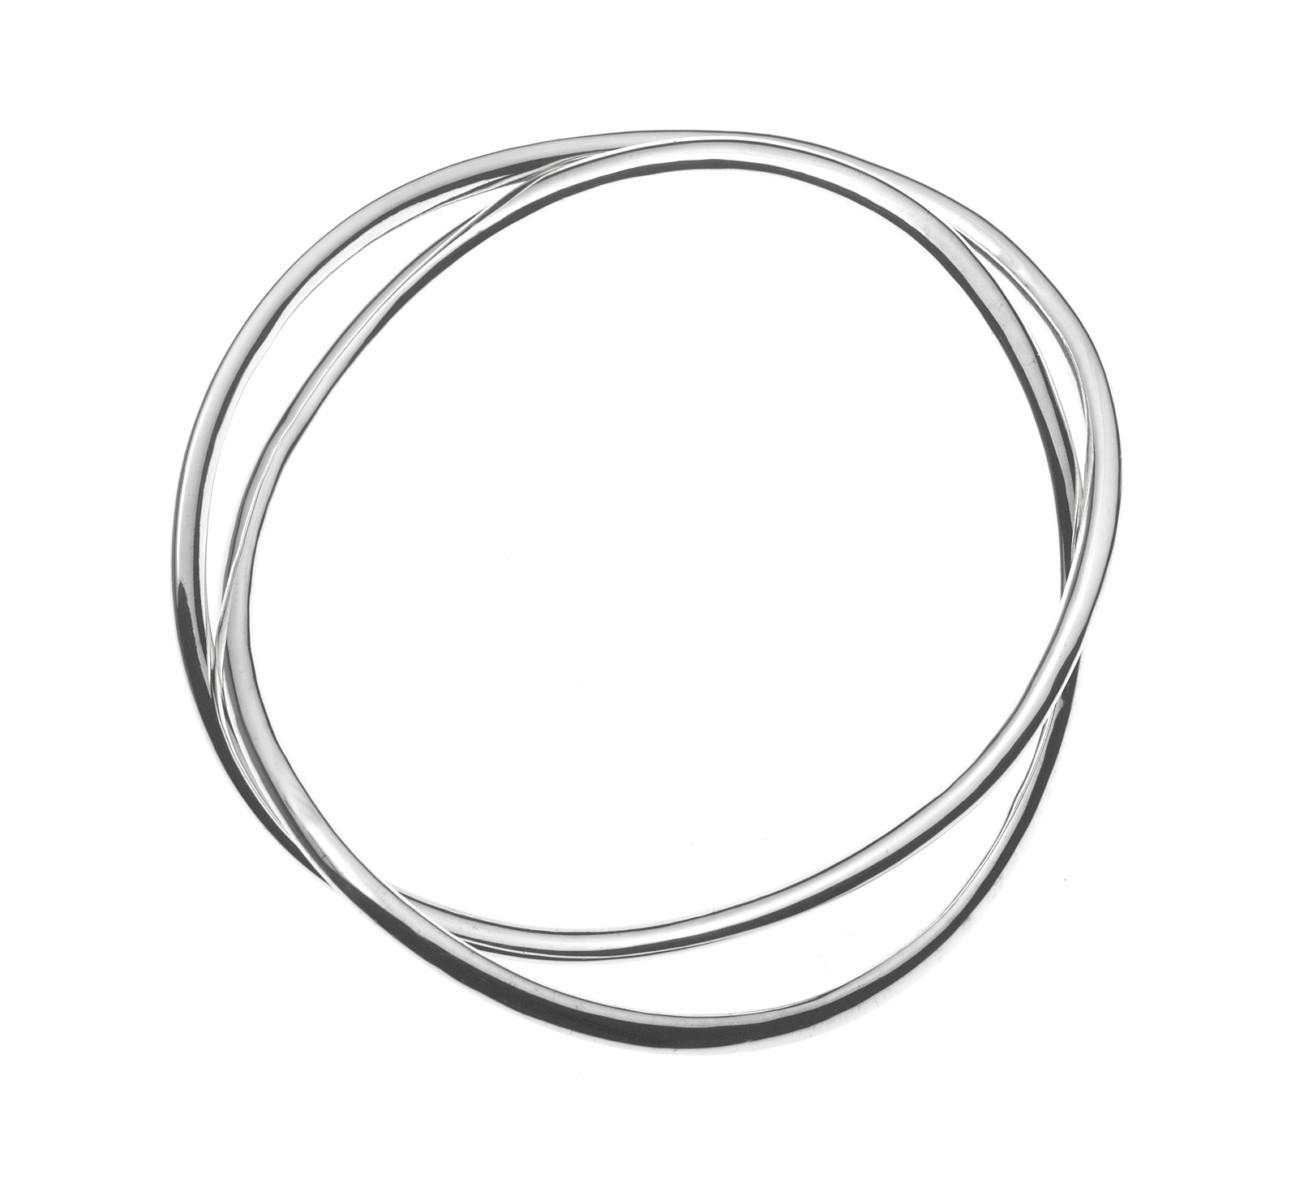 No. 4: 'Double Twist' Sterling Silver Bracelet